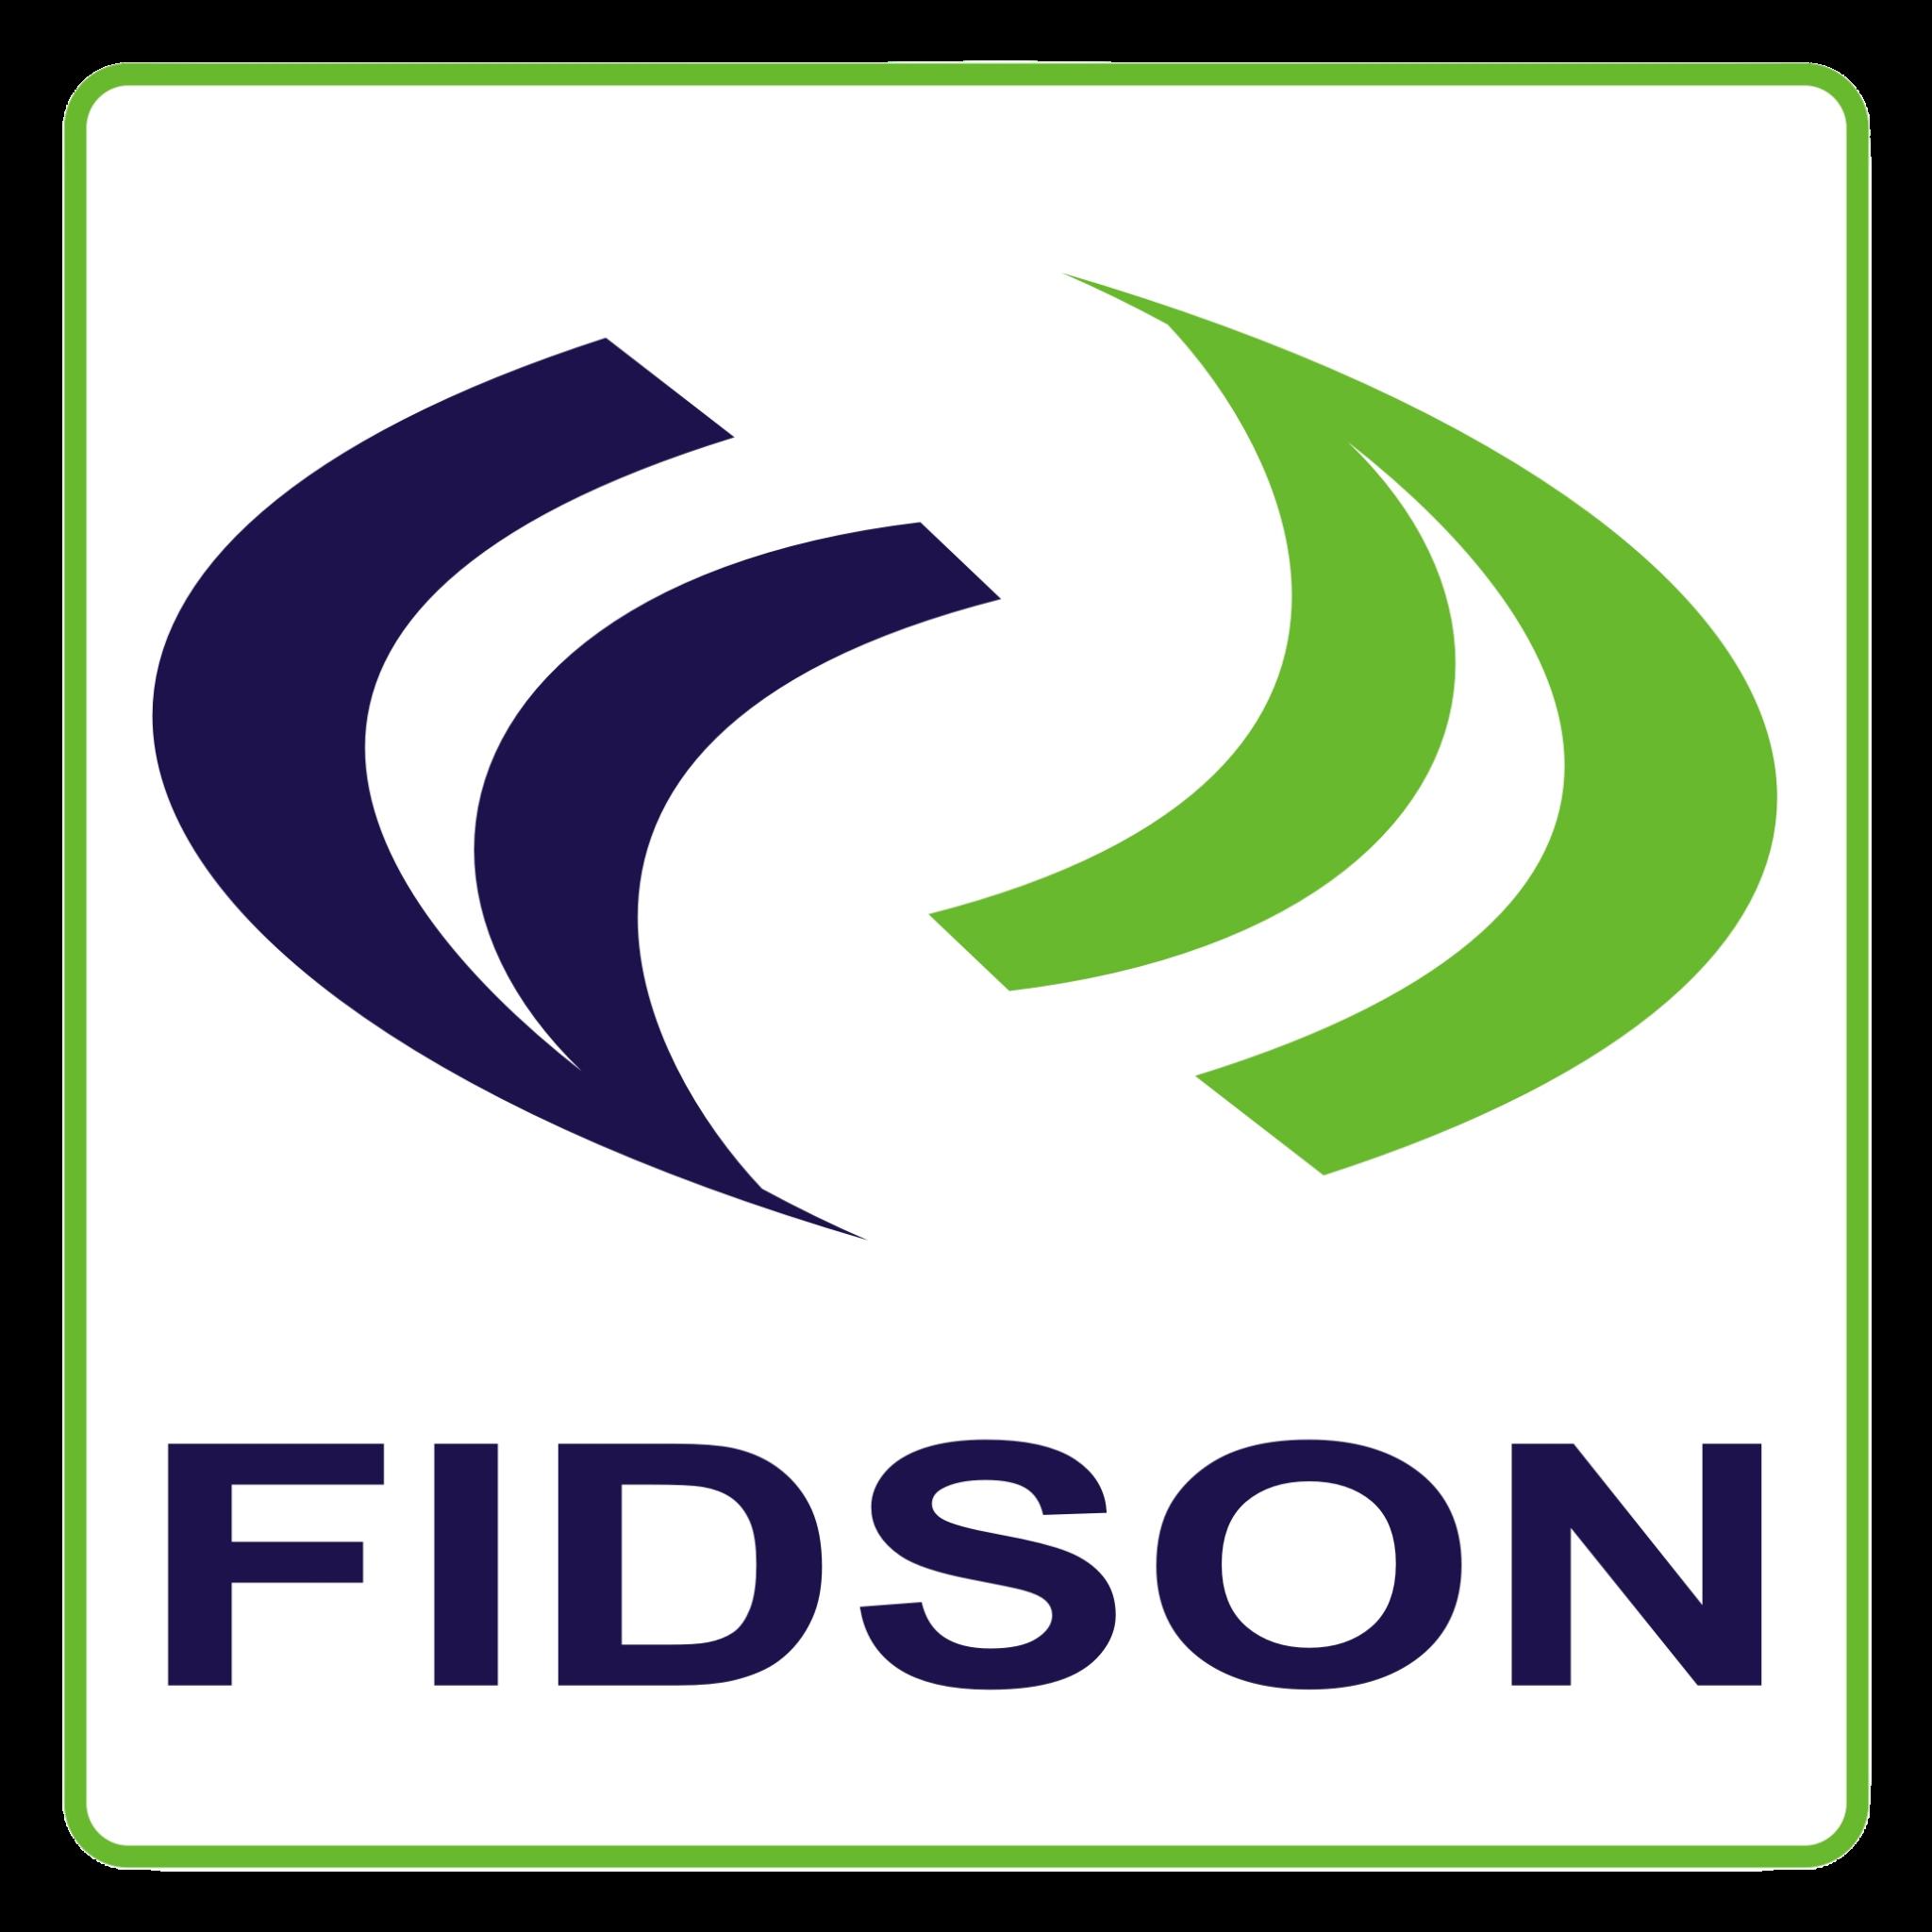 Fidson Healthcare Plc.